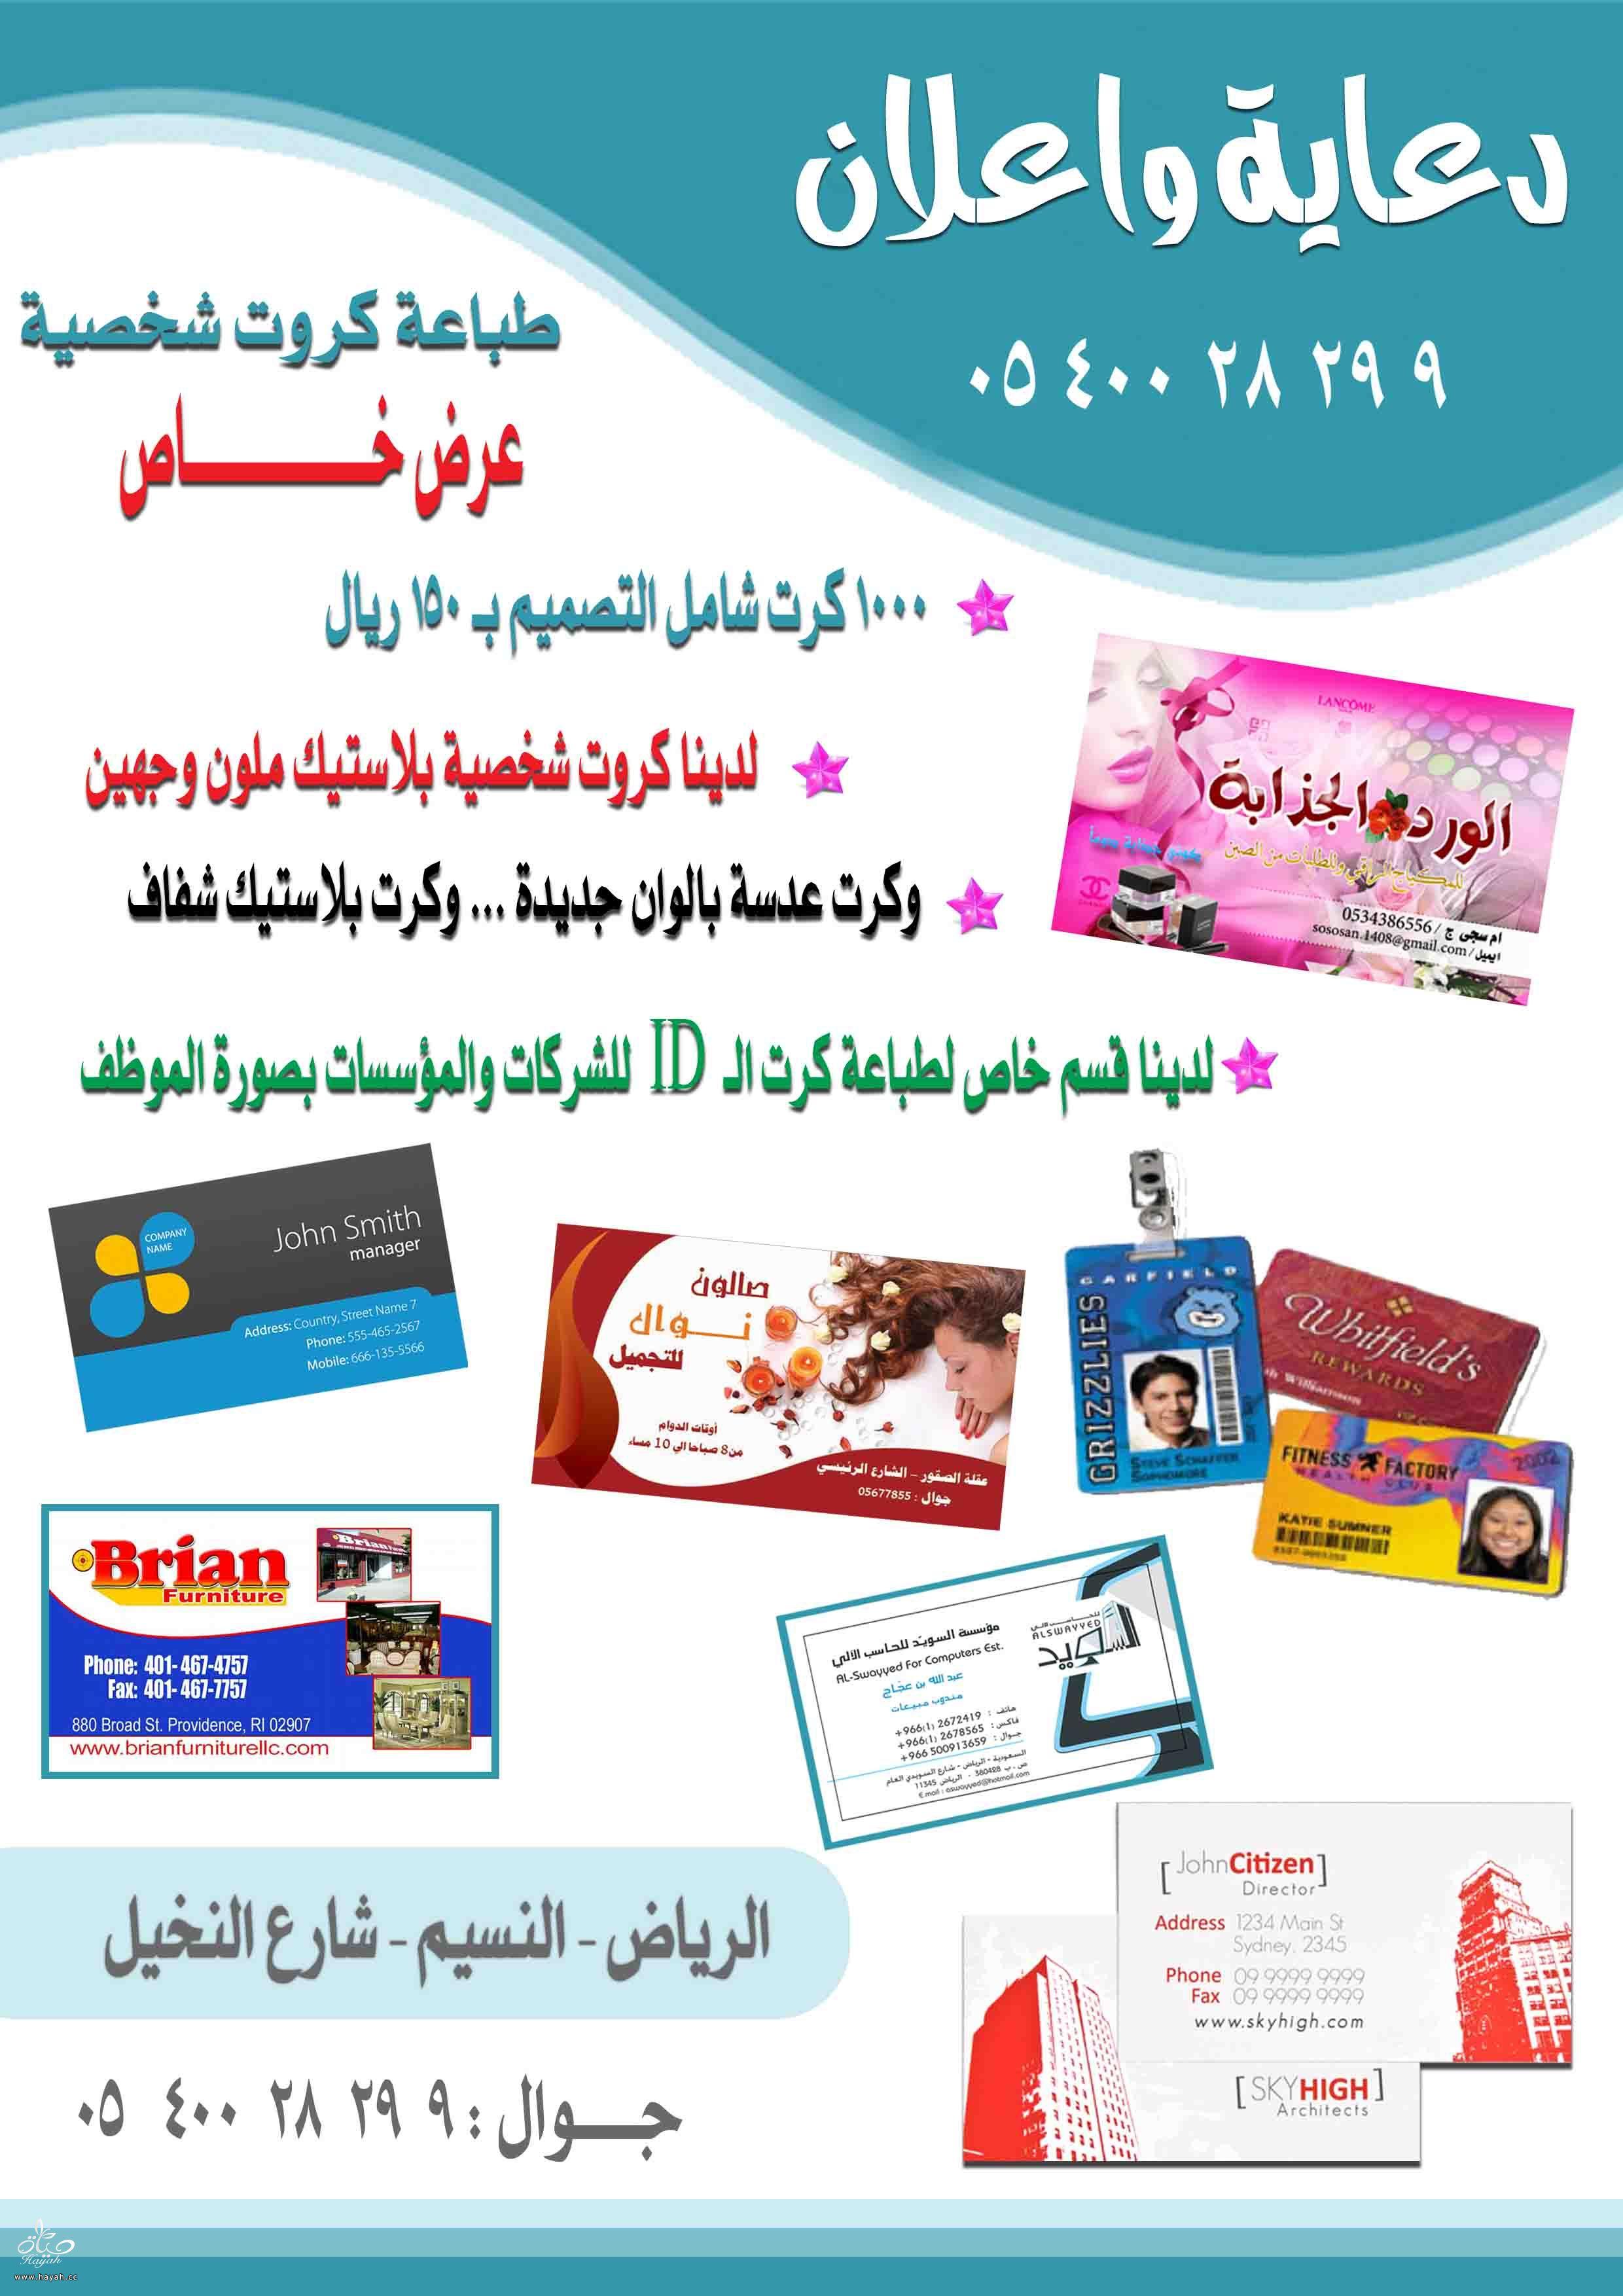 أحدث الكروت الشخصية للمؤسسات والشركات hayahcc_1459761065_191.jpg